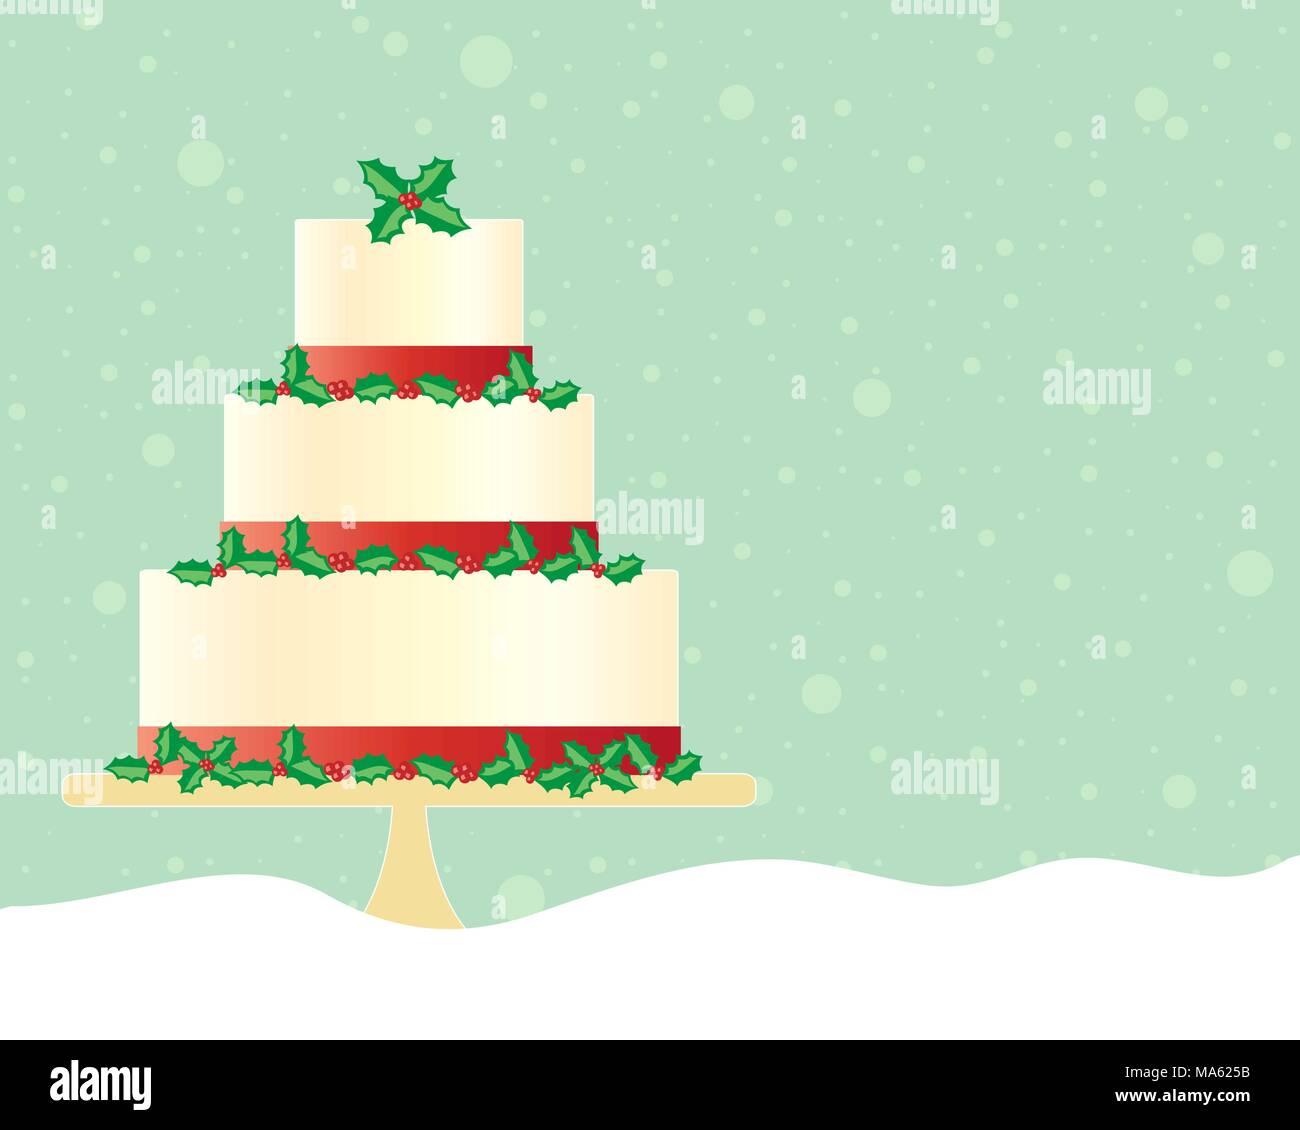 Una illustrazione vettoriale in formato eps formato 10 di una festa di Natale la torta nel saluto formato carta decorata con un nastro rosso e agrifoglio stagionali Immagini Stock